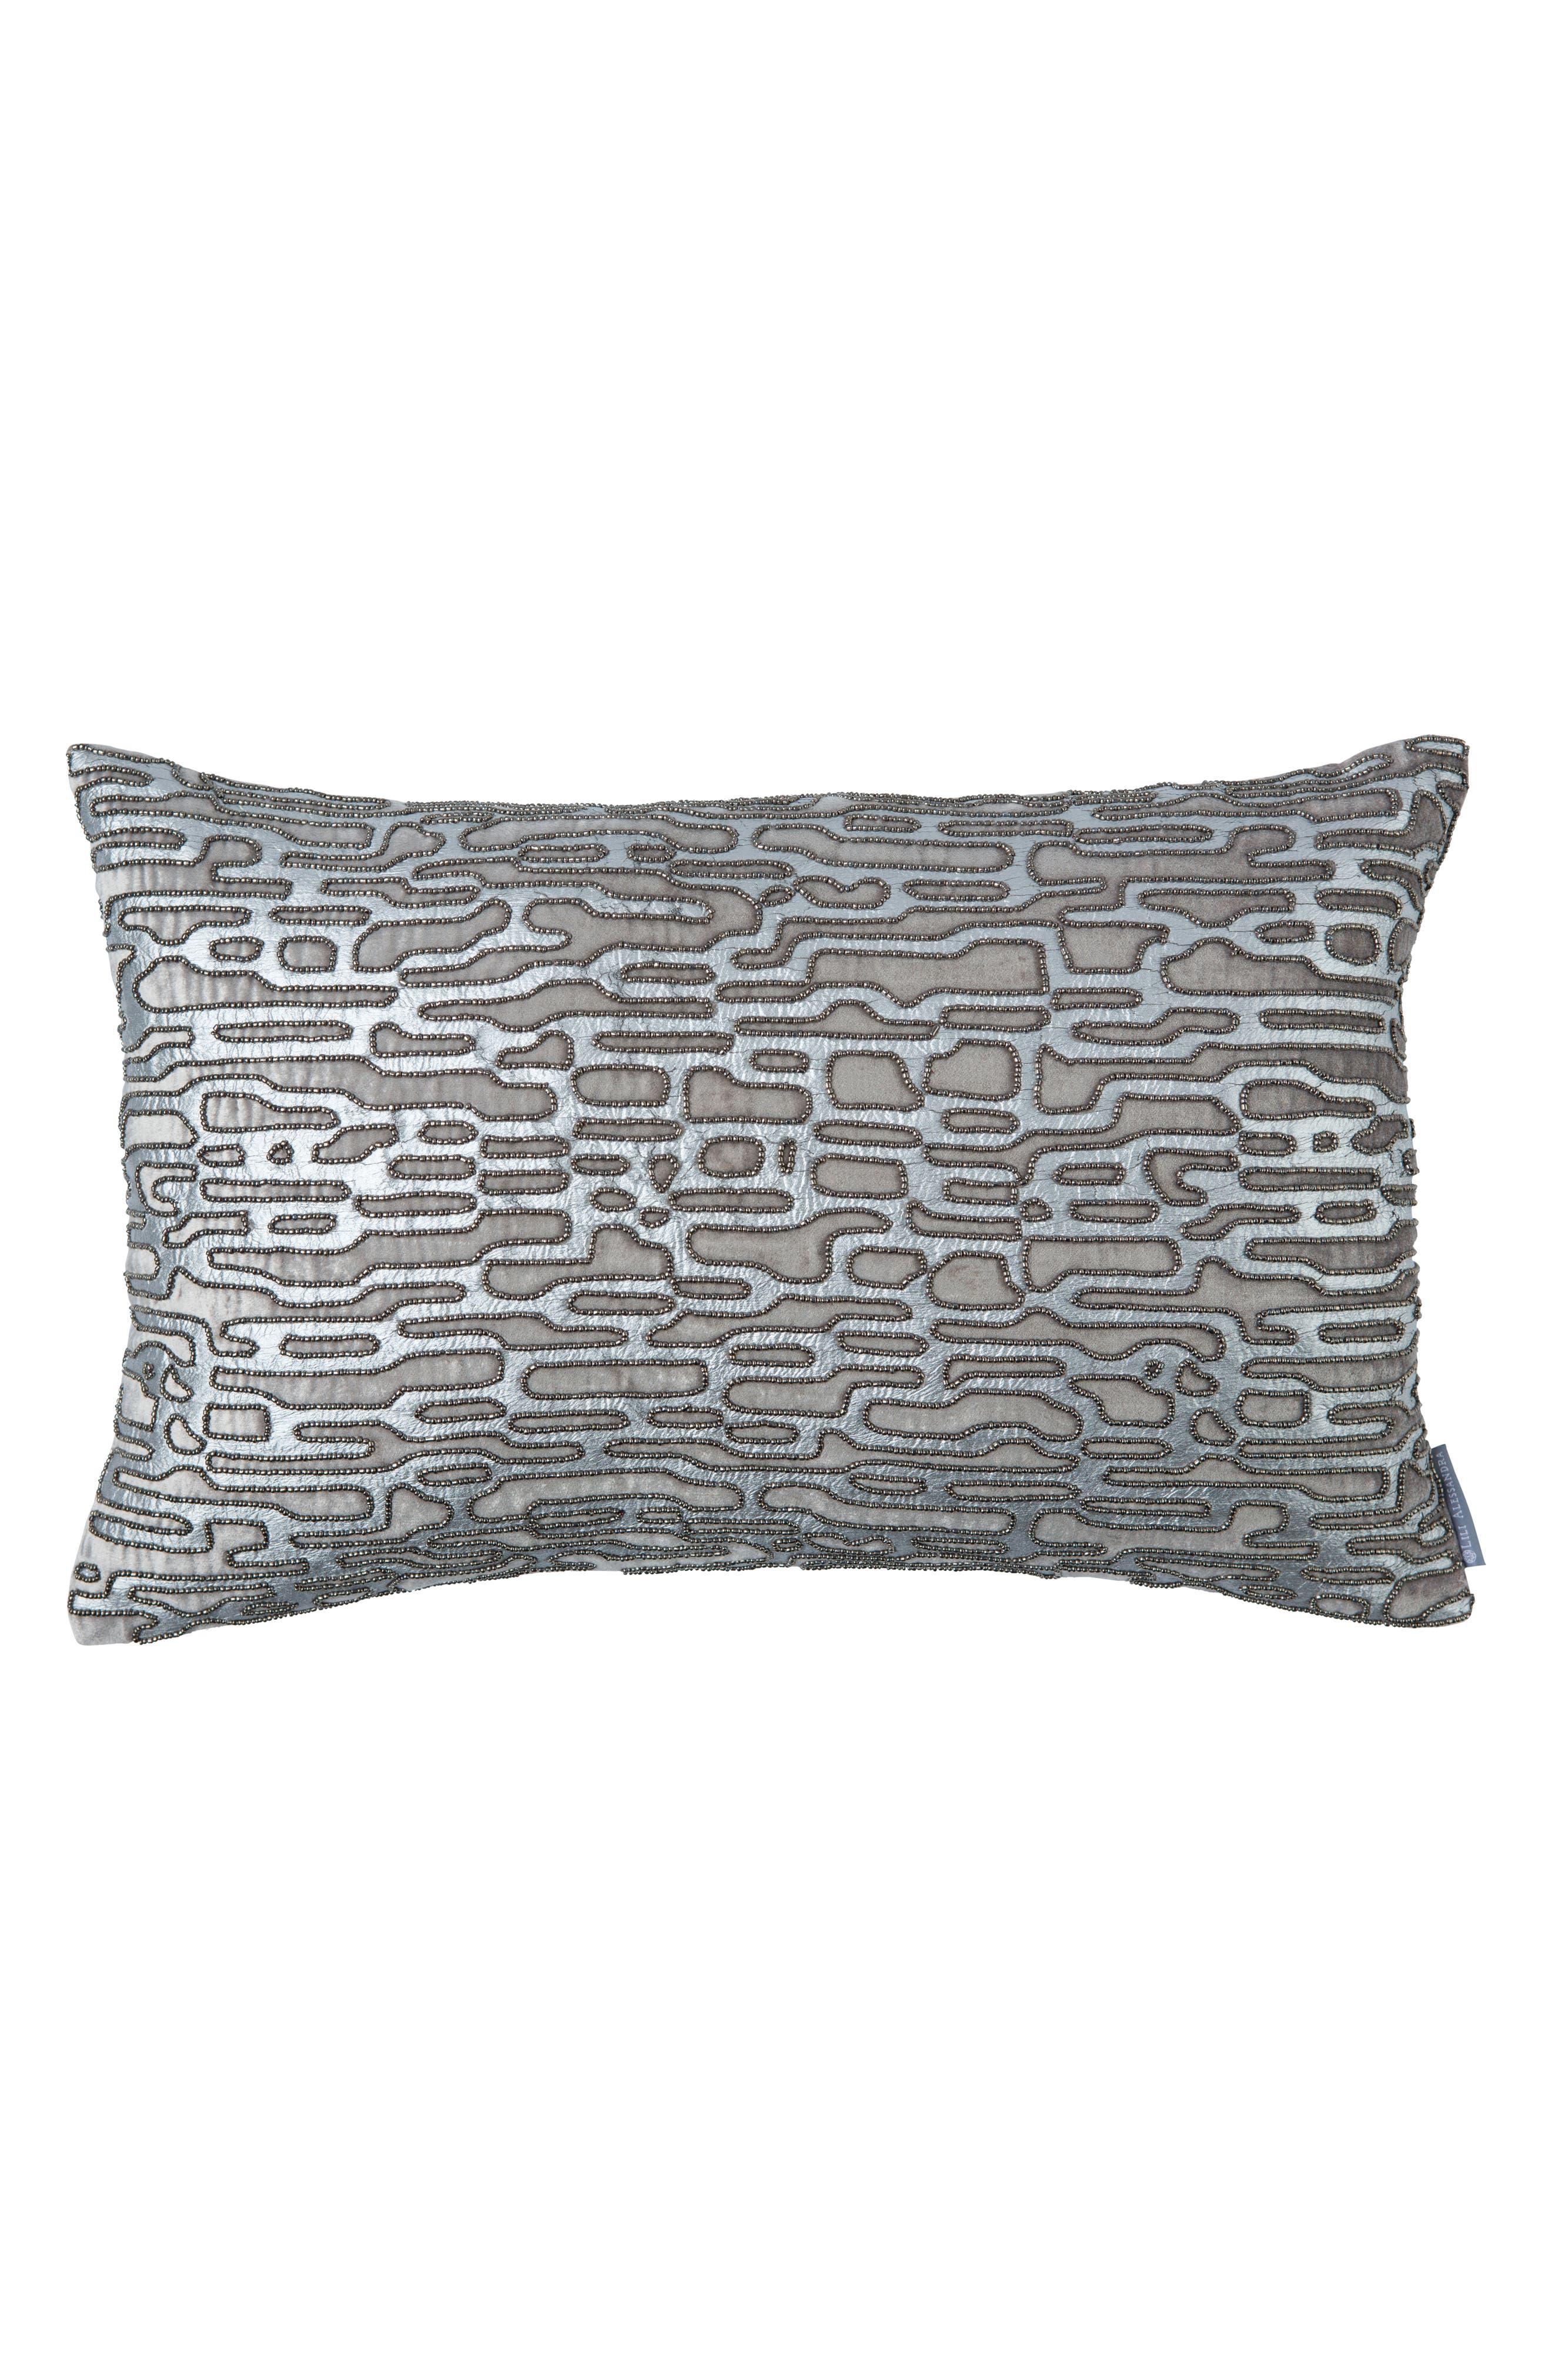 Christian Beaded Velvet Accent Pillow,                             Main thumbnail 1, color,                             Gray